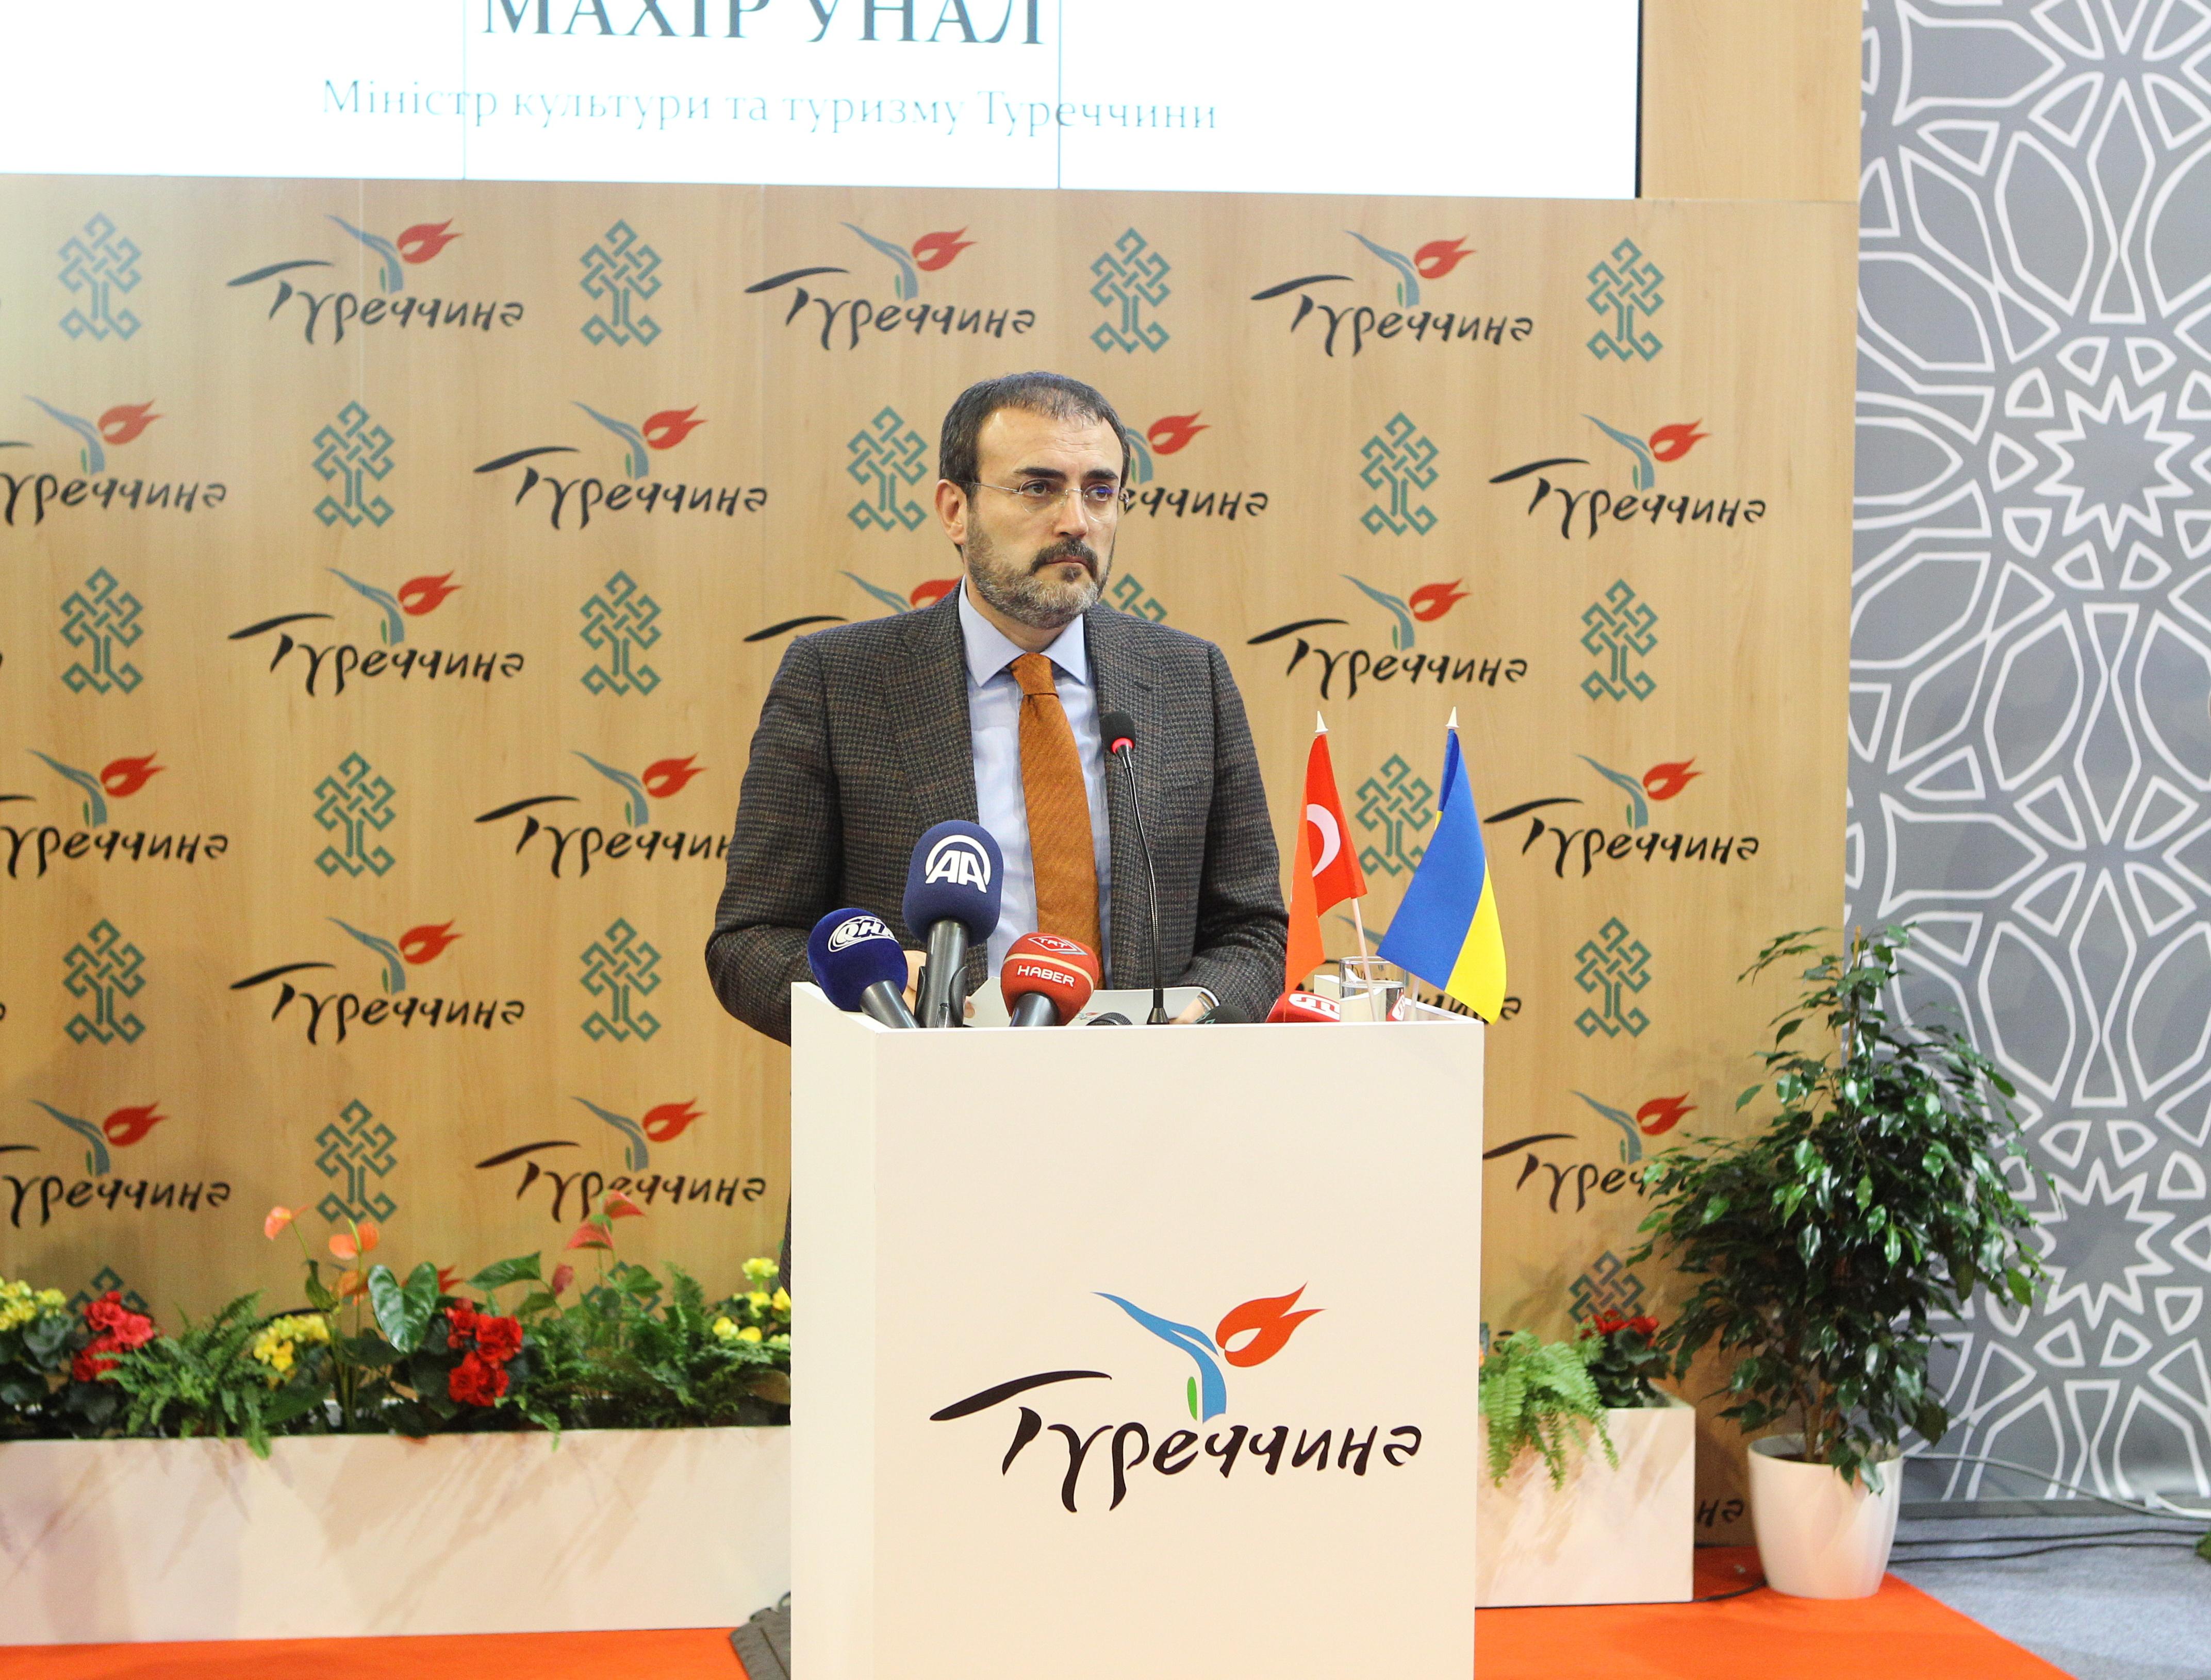 Зустріч Міністра культури та туризму Турецької Республіки з Віце-прем'єр-міністром України - Міністром культури України